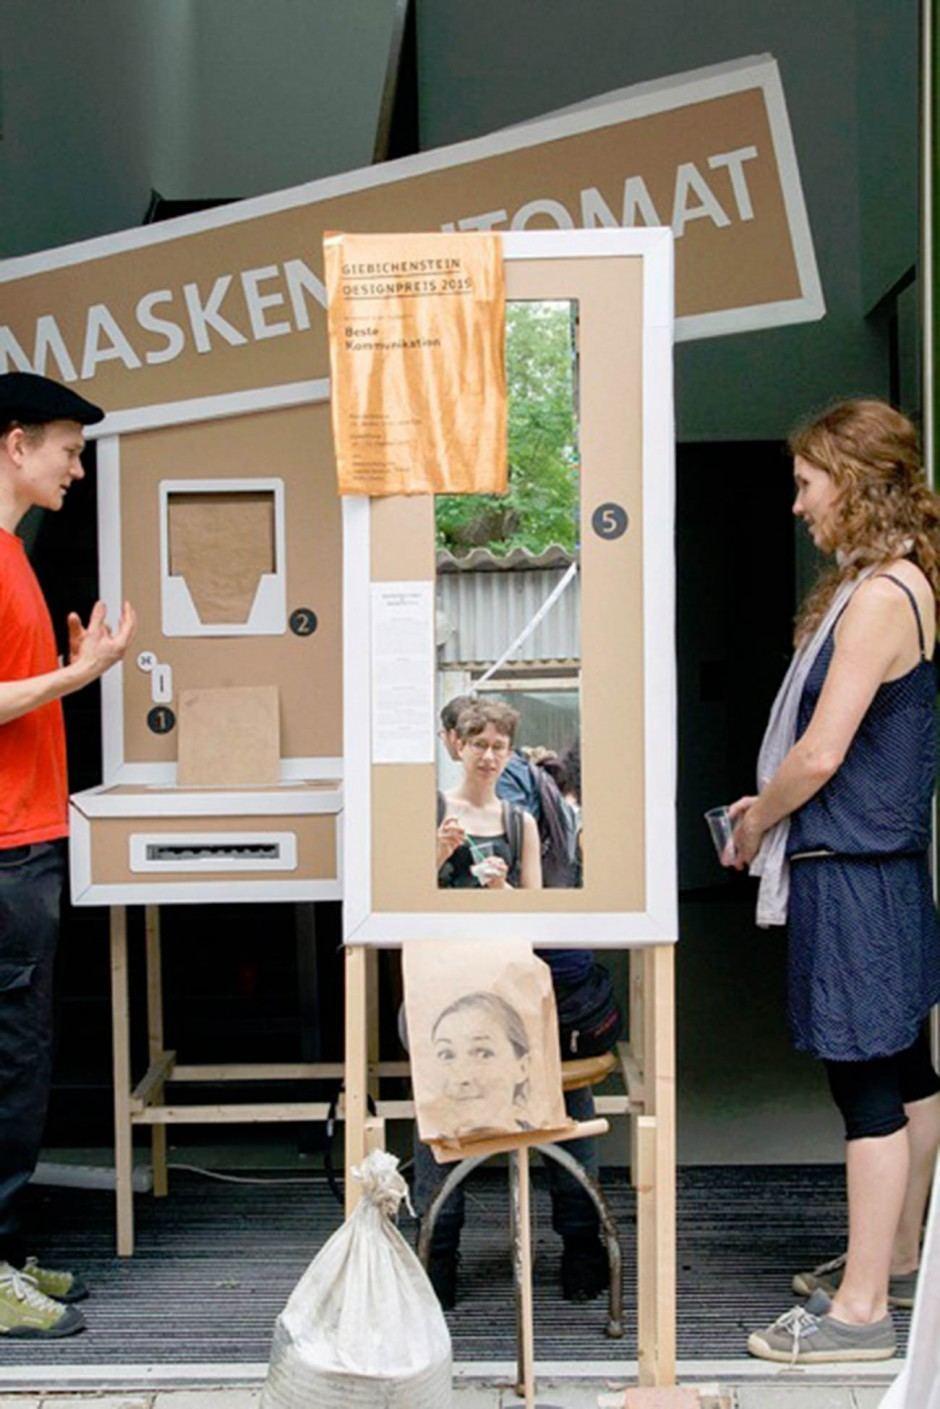 Felix Behr: Maskenautomat